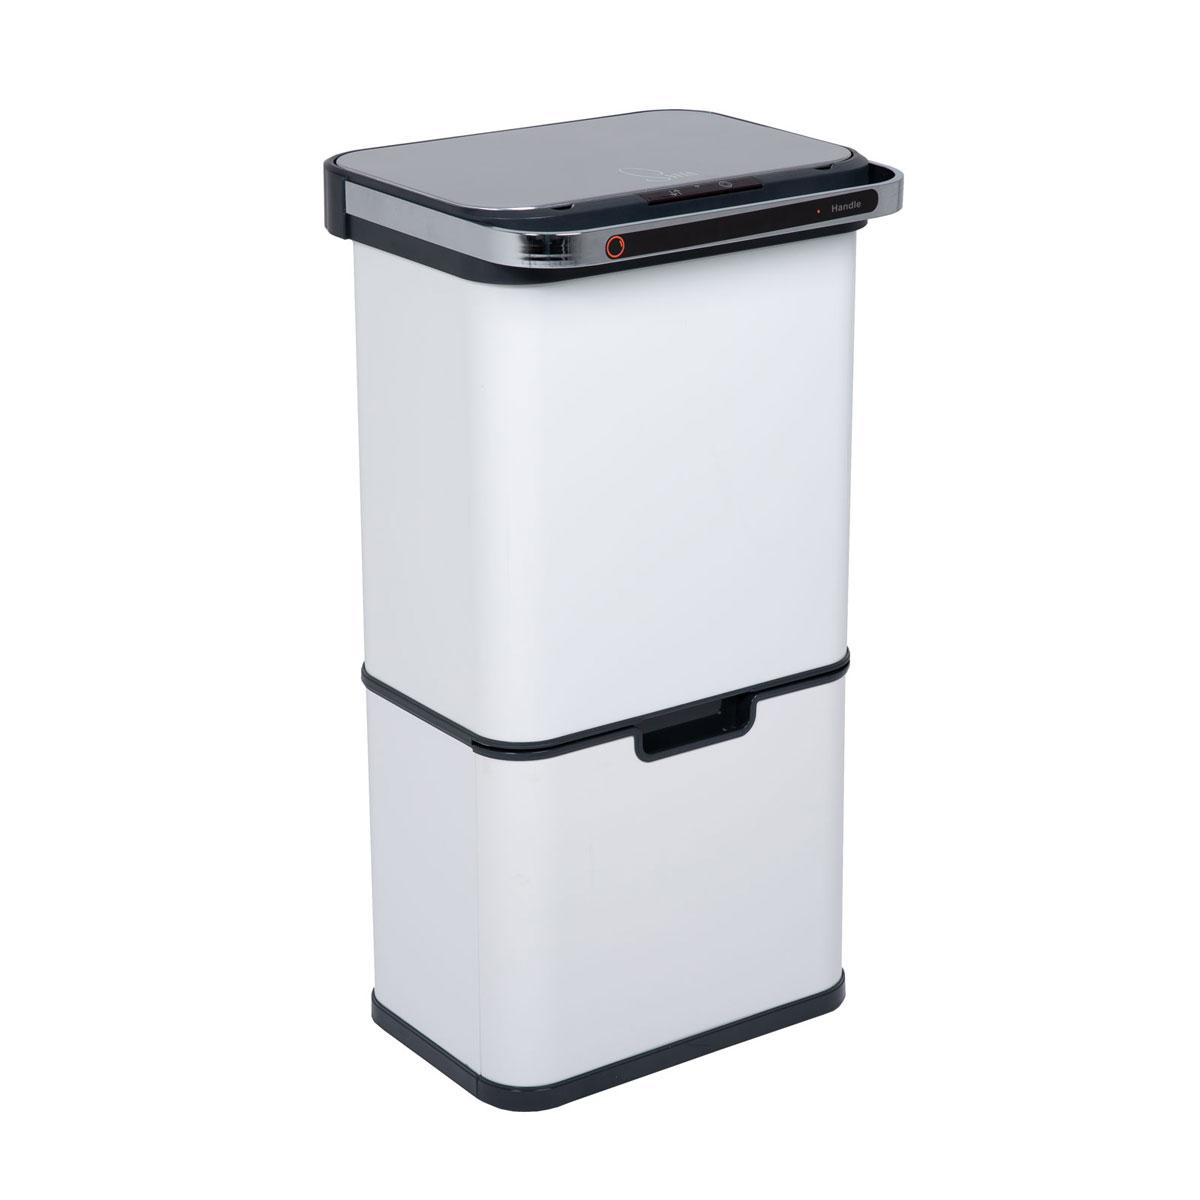 92041 SVITA Sensor-Mülleimer 60L mit Ozon-Selbstreinigung und Aktivkohle-Filter Weiß